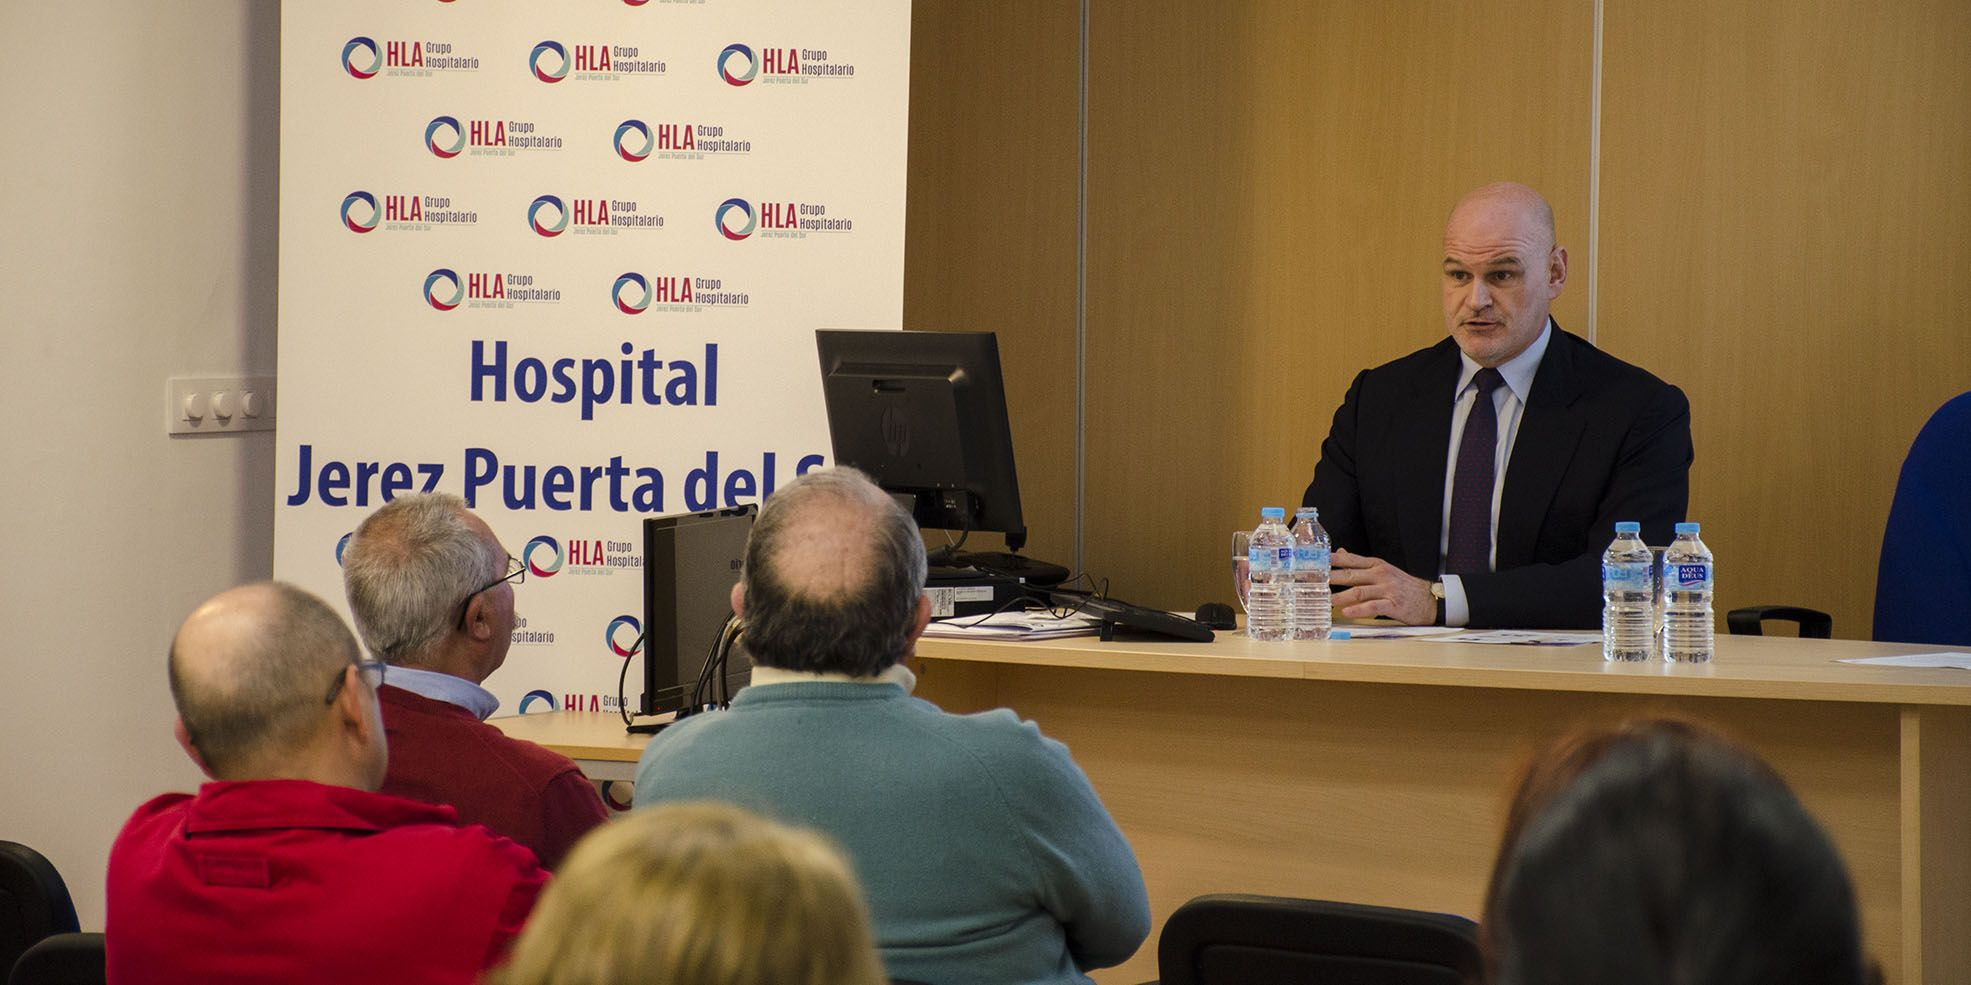 El tratamiento en las dolencias de espalda ha cambiado dr sticamente gracias a la investigaci n - Hospital puerta del sur telefono gratuito ...